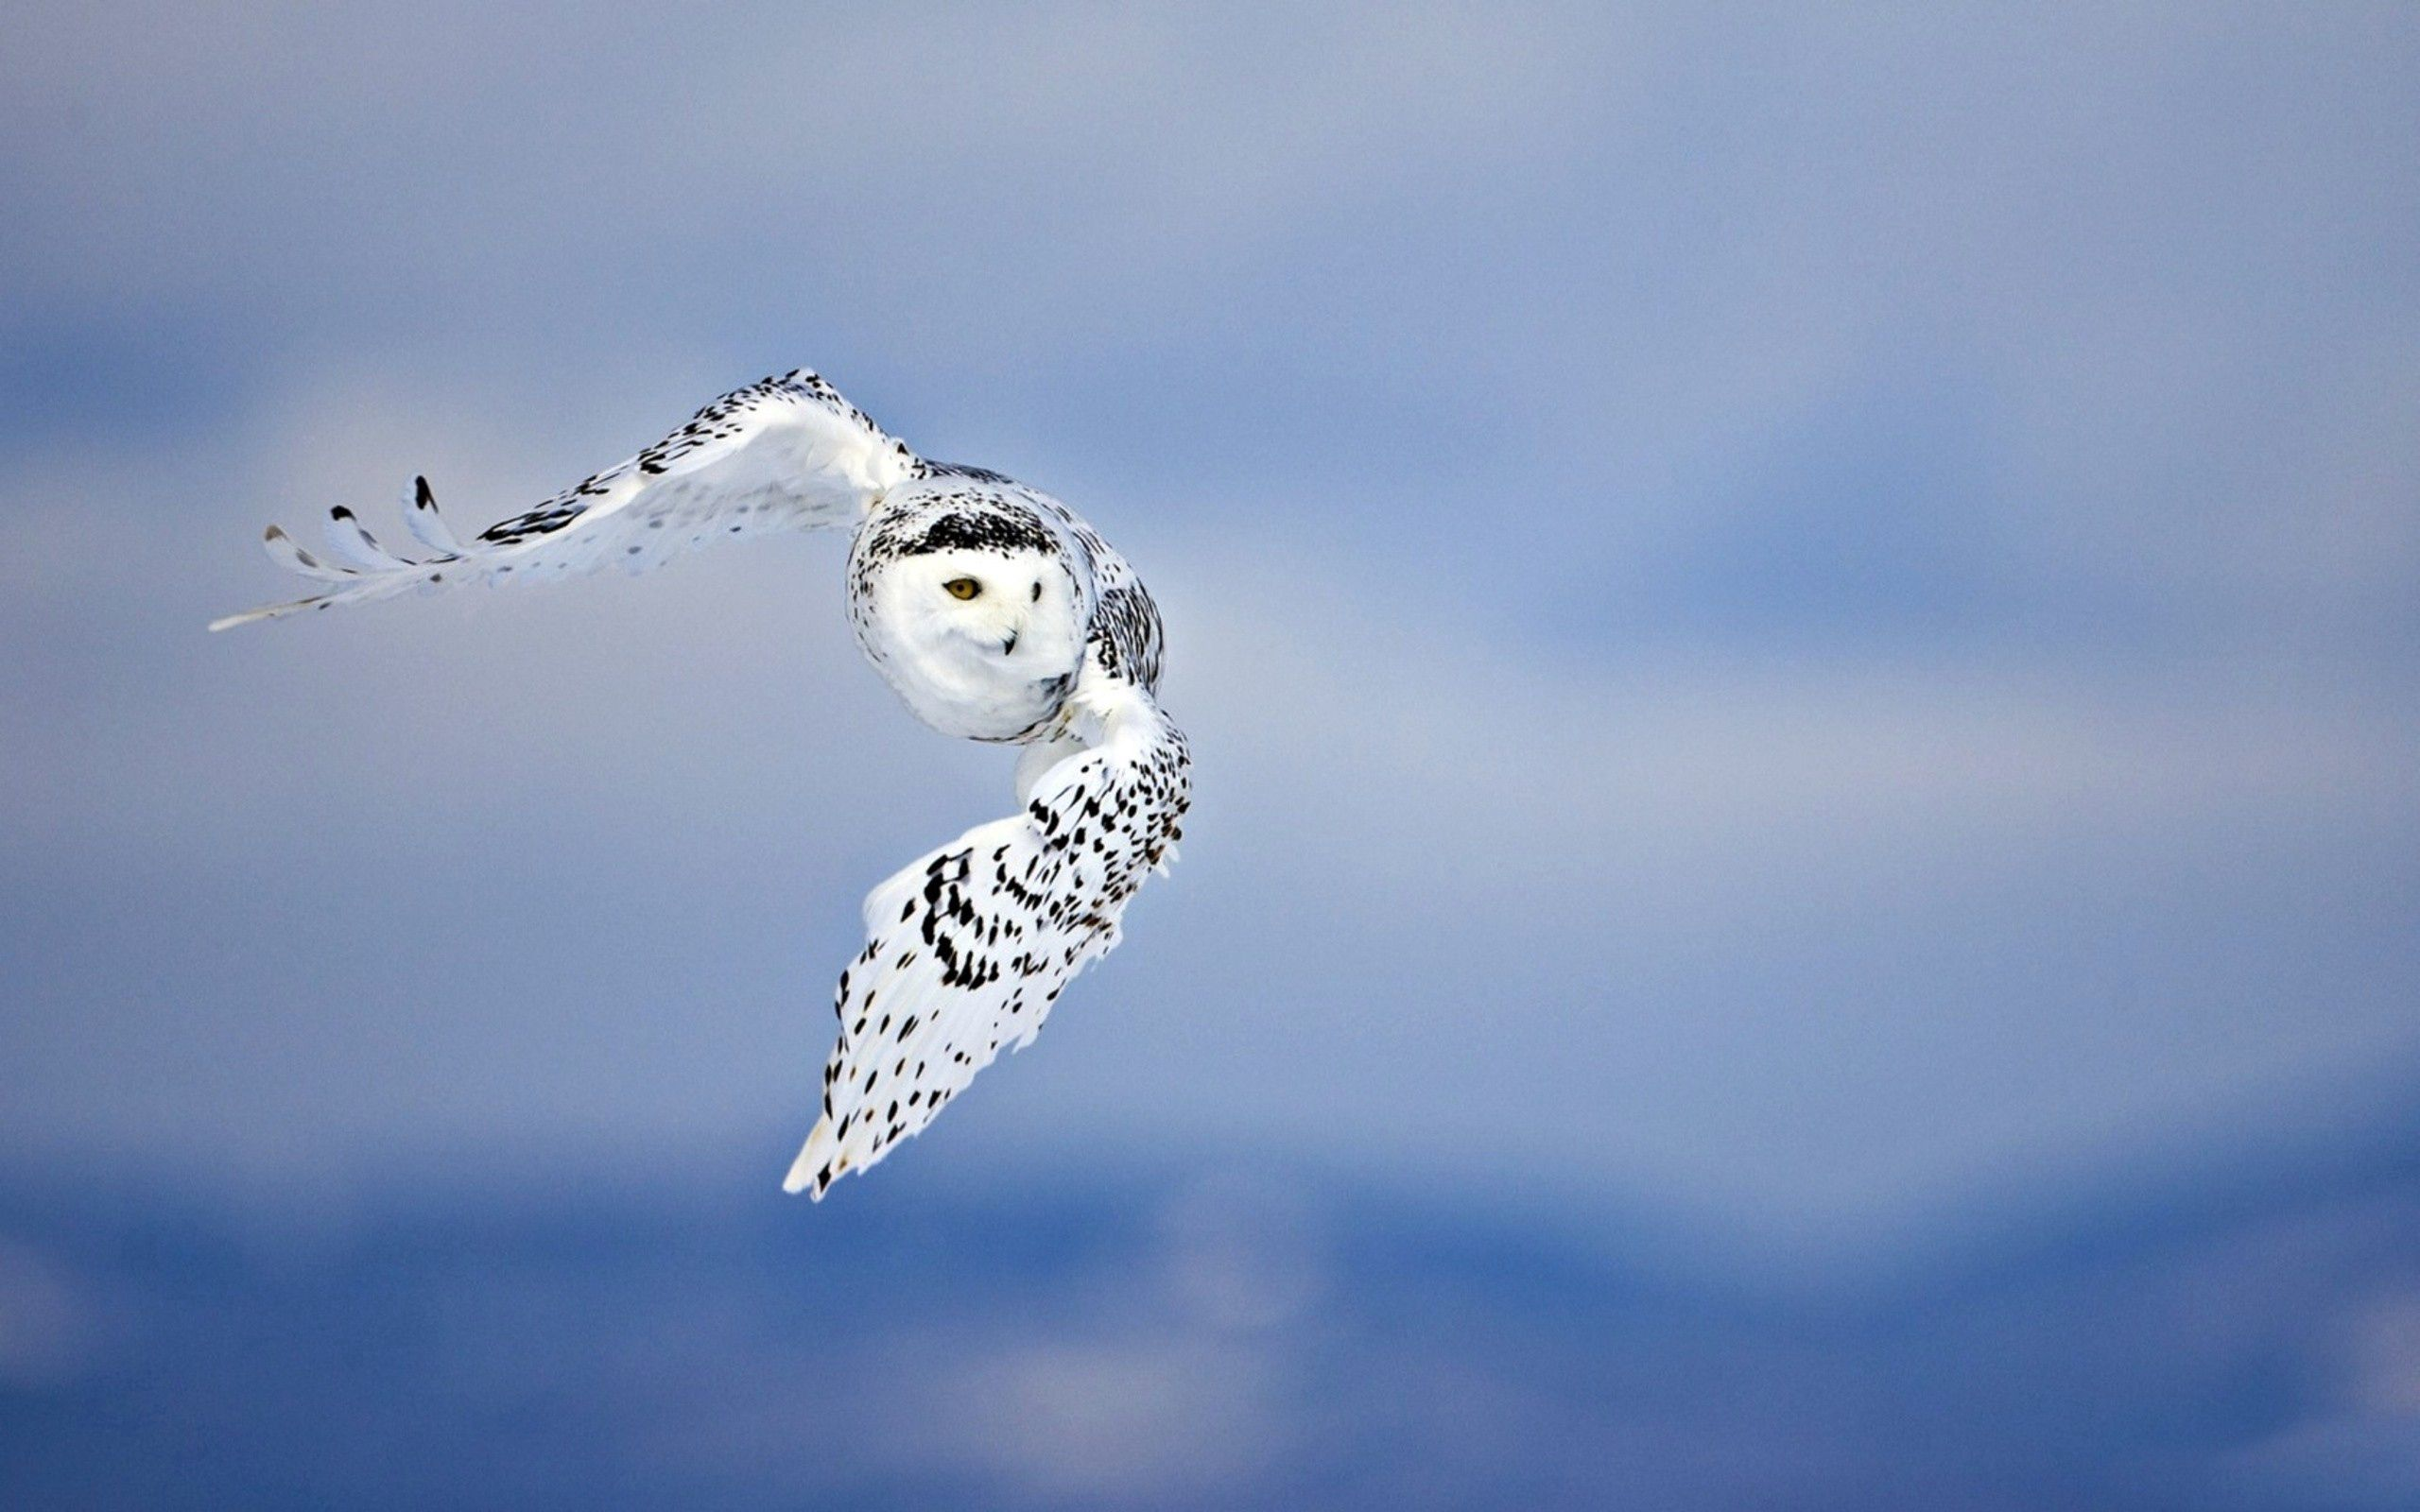 122026 Hintergrundbild herunterladen Eule, Tiere, Vogel, Raubtier, Predator, Flug - Bildschirmschoner und Bilder kostenlos